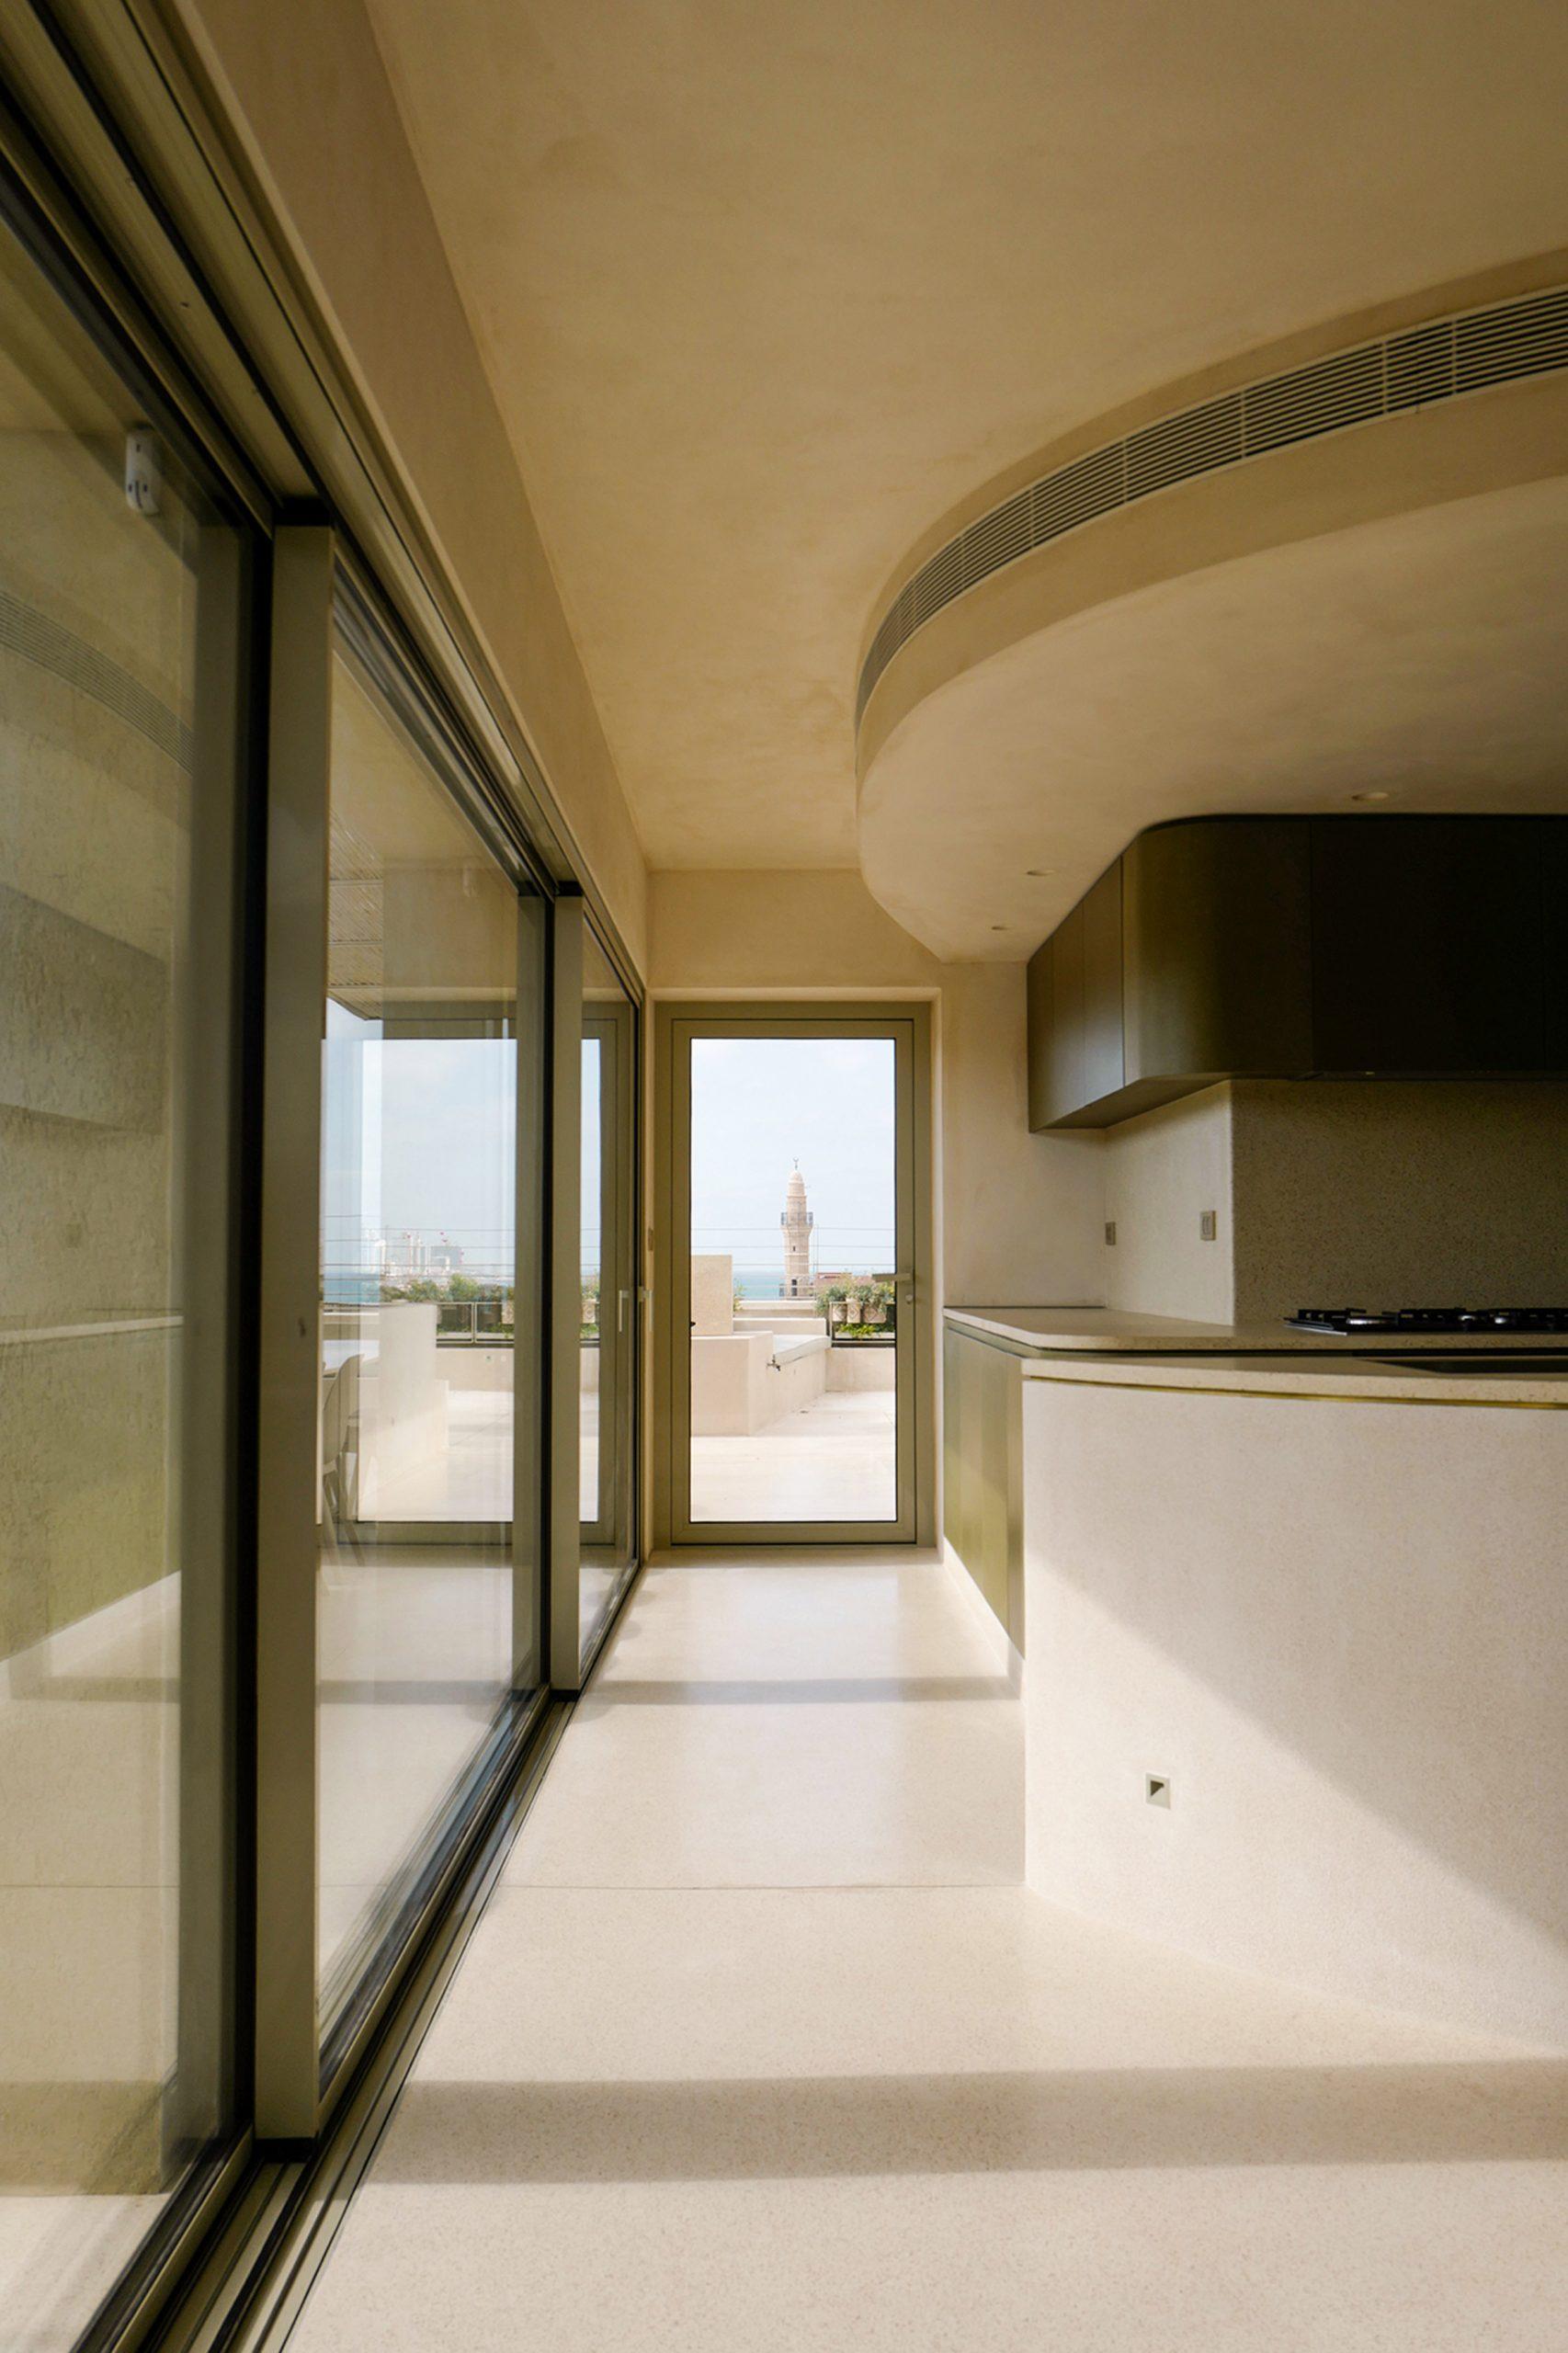 Jaffa Roofhouse Israel 1